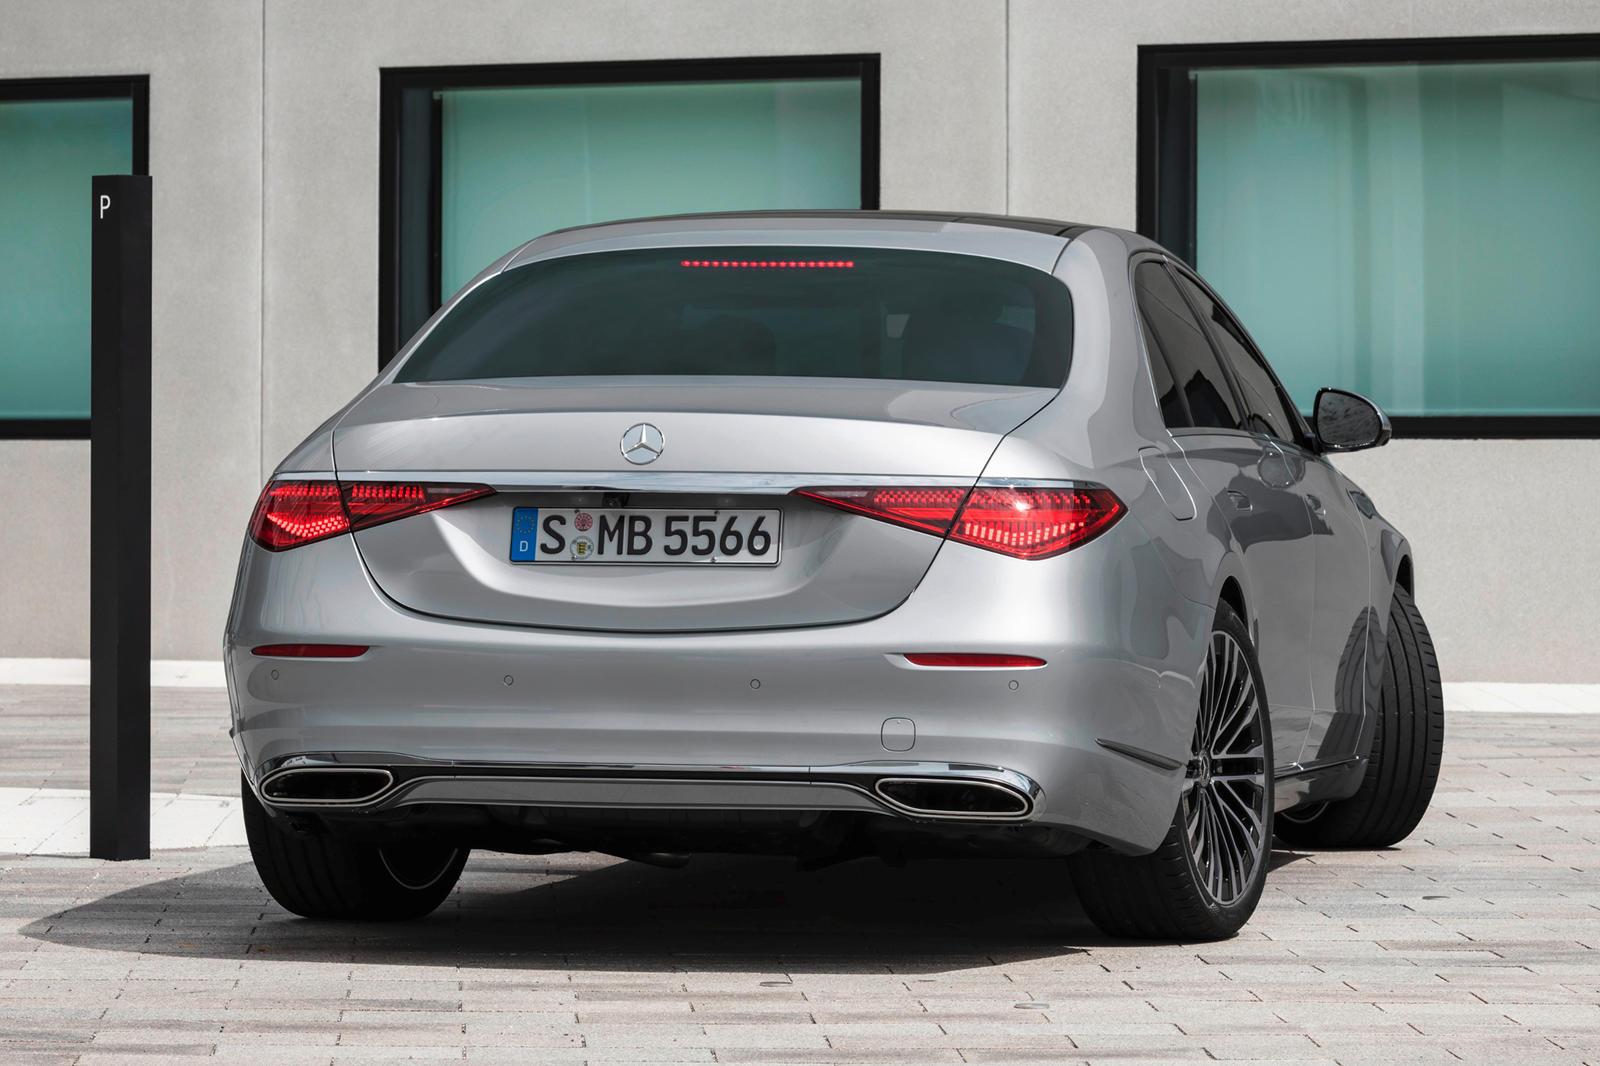 Понятно, что ожидания высоки каждый раз, когда выпускается новый Mercedes-Benz S-Class. Мало того, что он должен иметь величественный вид, S-Class должен быть превосходным высокоскоростным круизером с внедрением новейших технологий. Новый S-Class отв